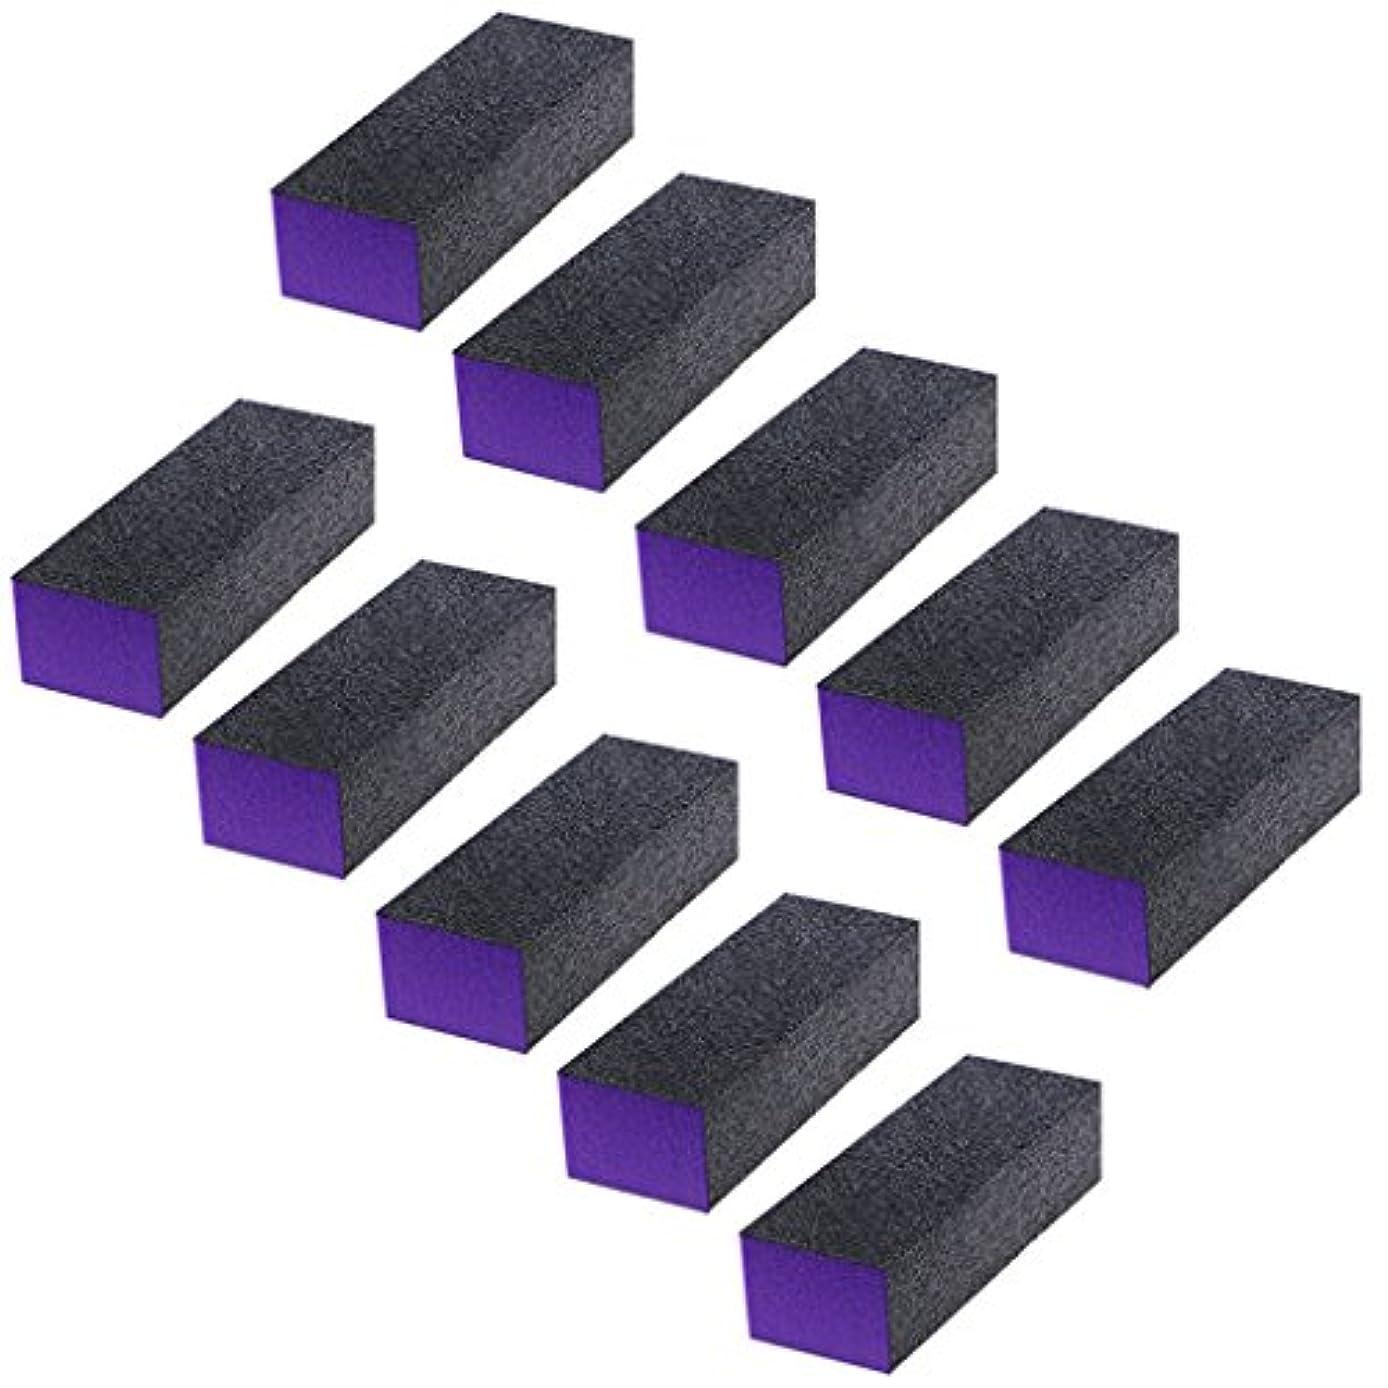 ポスト印象派ベジタリアン競争力のあるジャッキー黒紫豆腐ブロック10個ピース黒紫バッファーバフ研磨サンディングブロックファイルグリットネイルアートツールセット